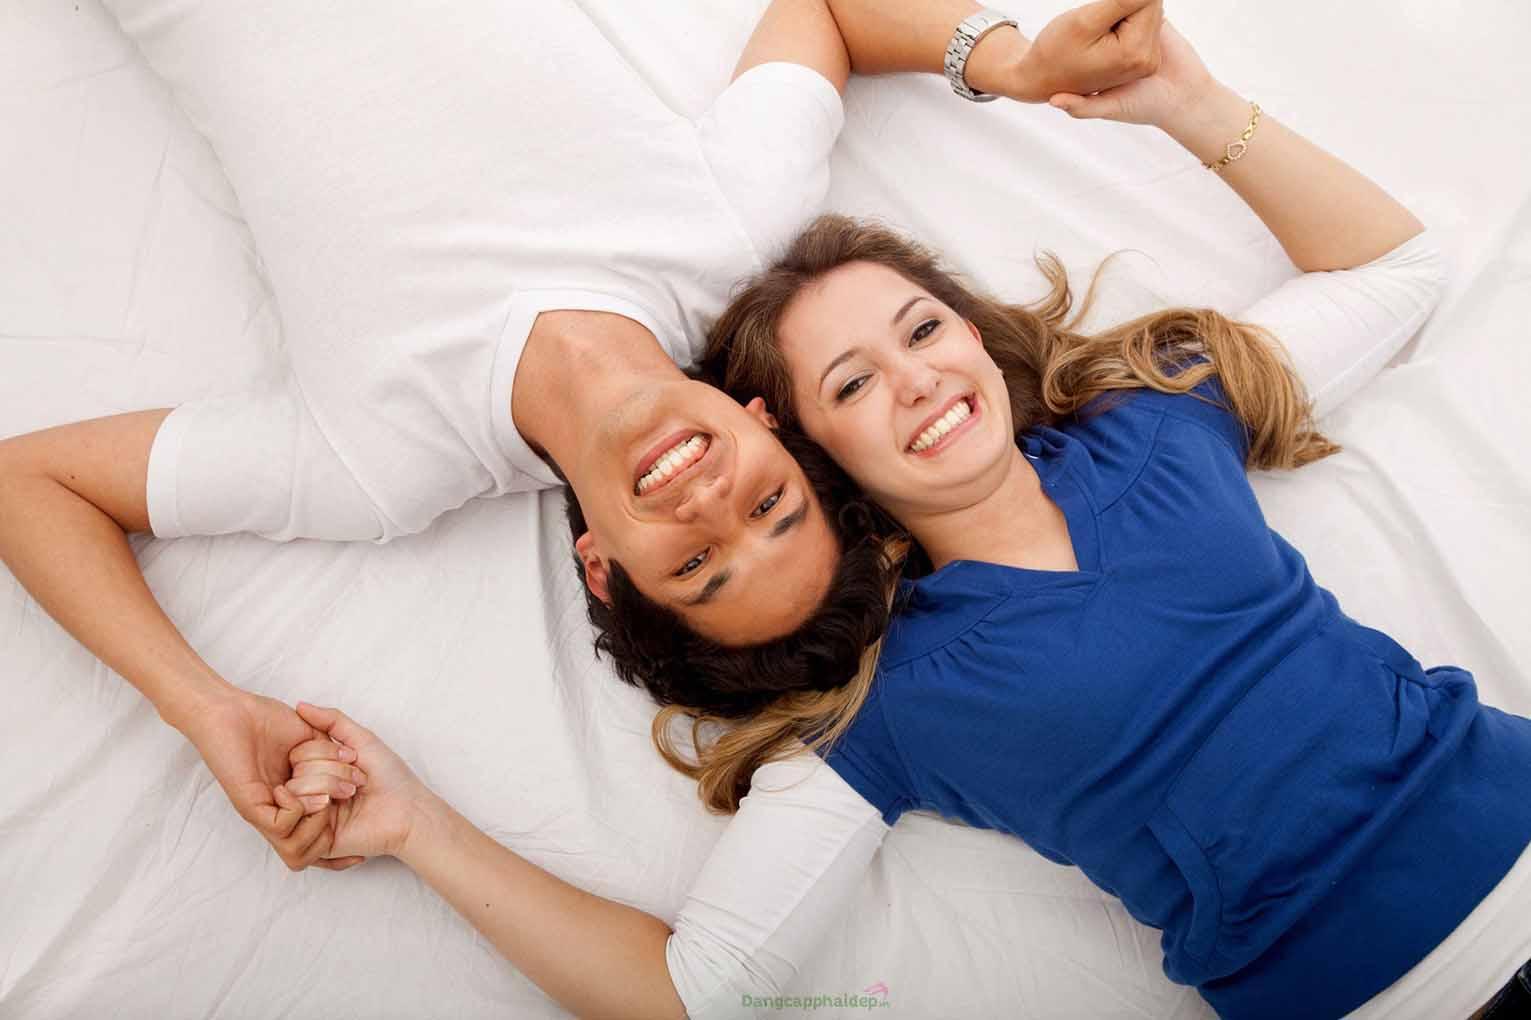 Hàu có khả năng tăng cường sức khỏe sinh lý nam giới